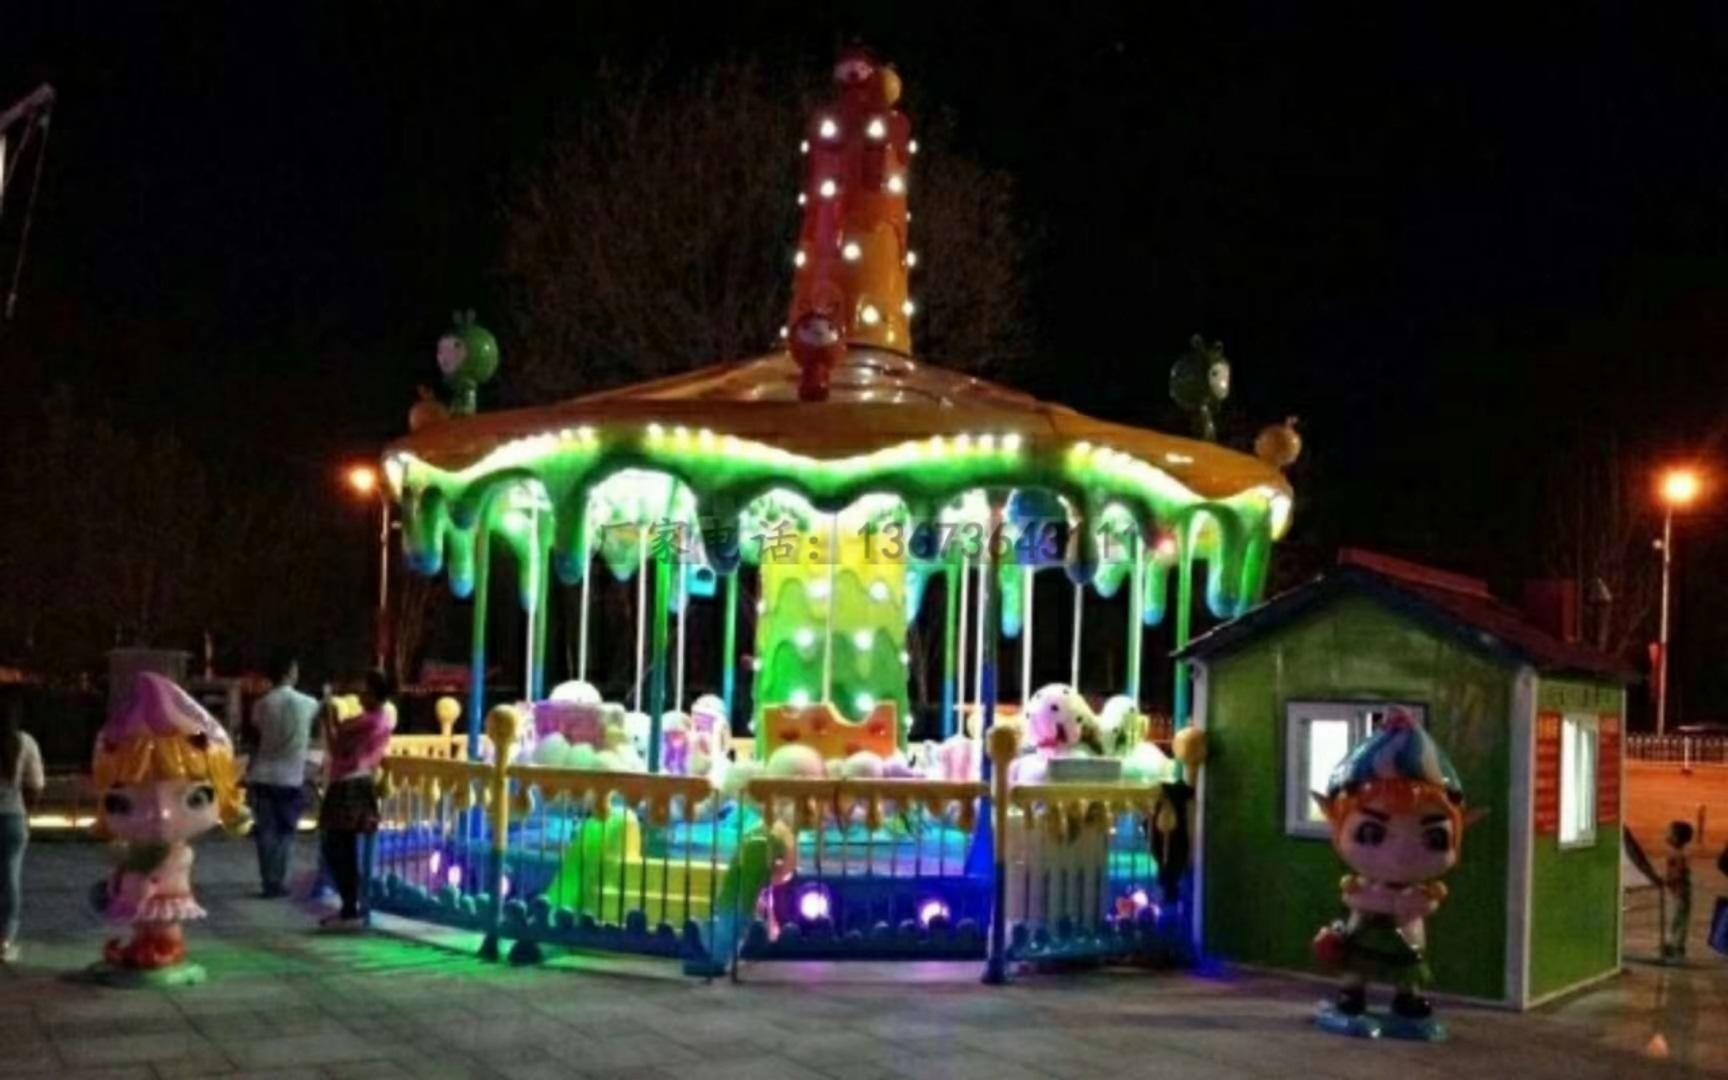 欢乐喷球车户外儿童游乐设备 大洋游乐厂家直销轨道欢乐喷球车示例图22